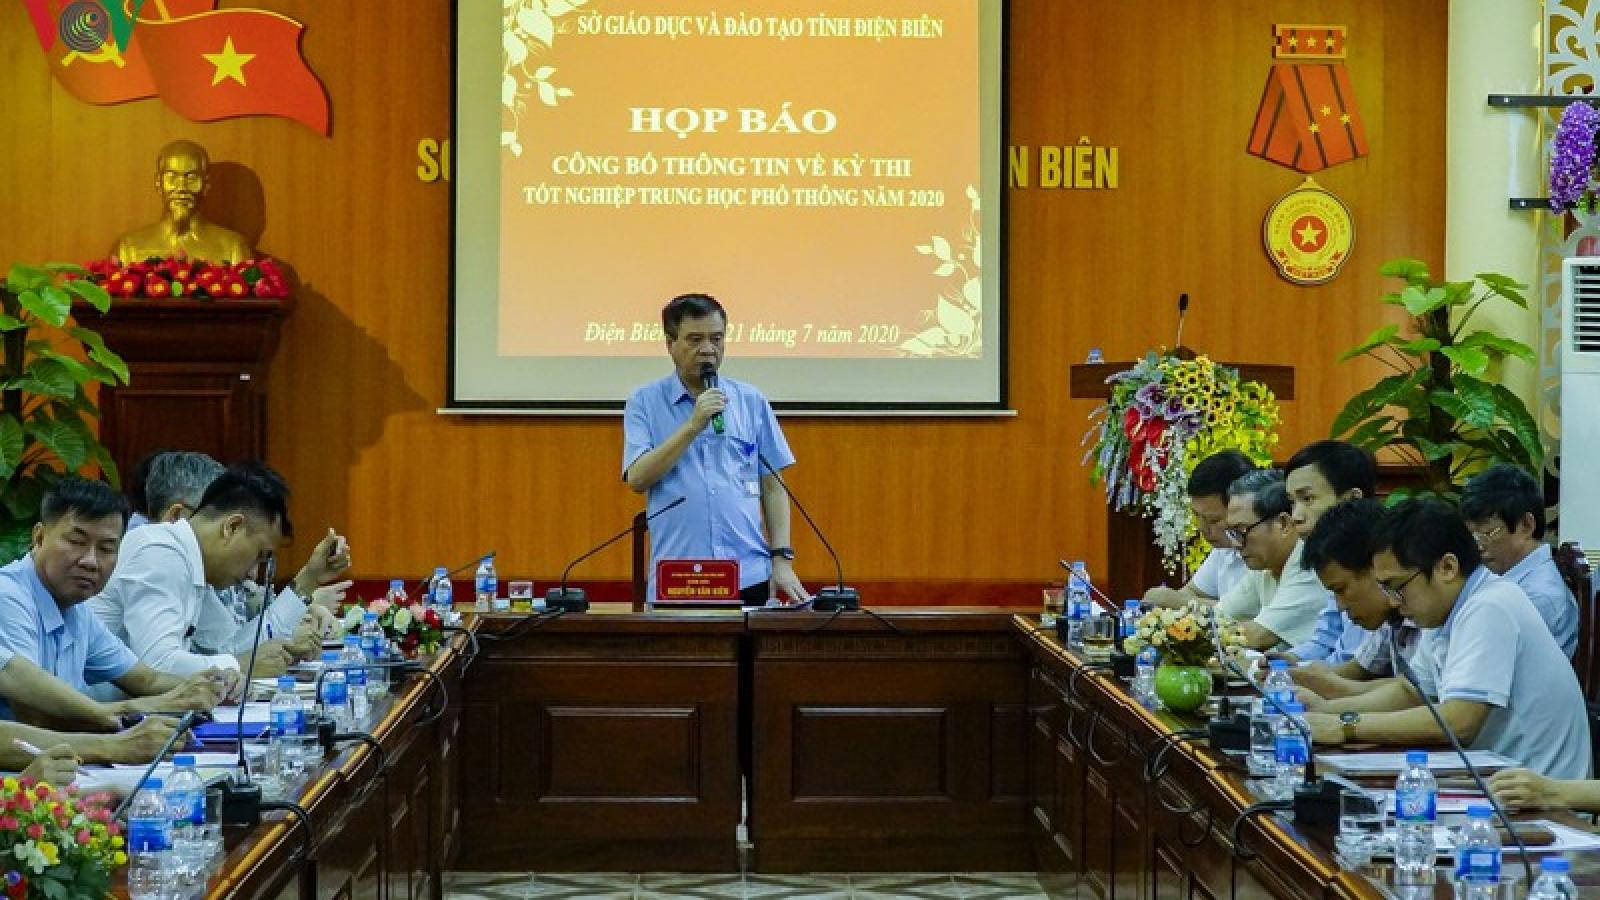 Sơn La, Điện Biên chú trọng an ninh cho kỳ thi tốt nghiệp THPT 2020